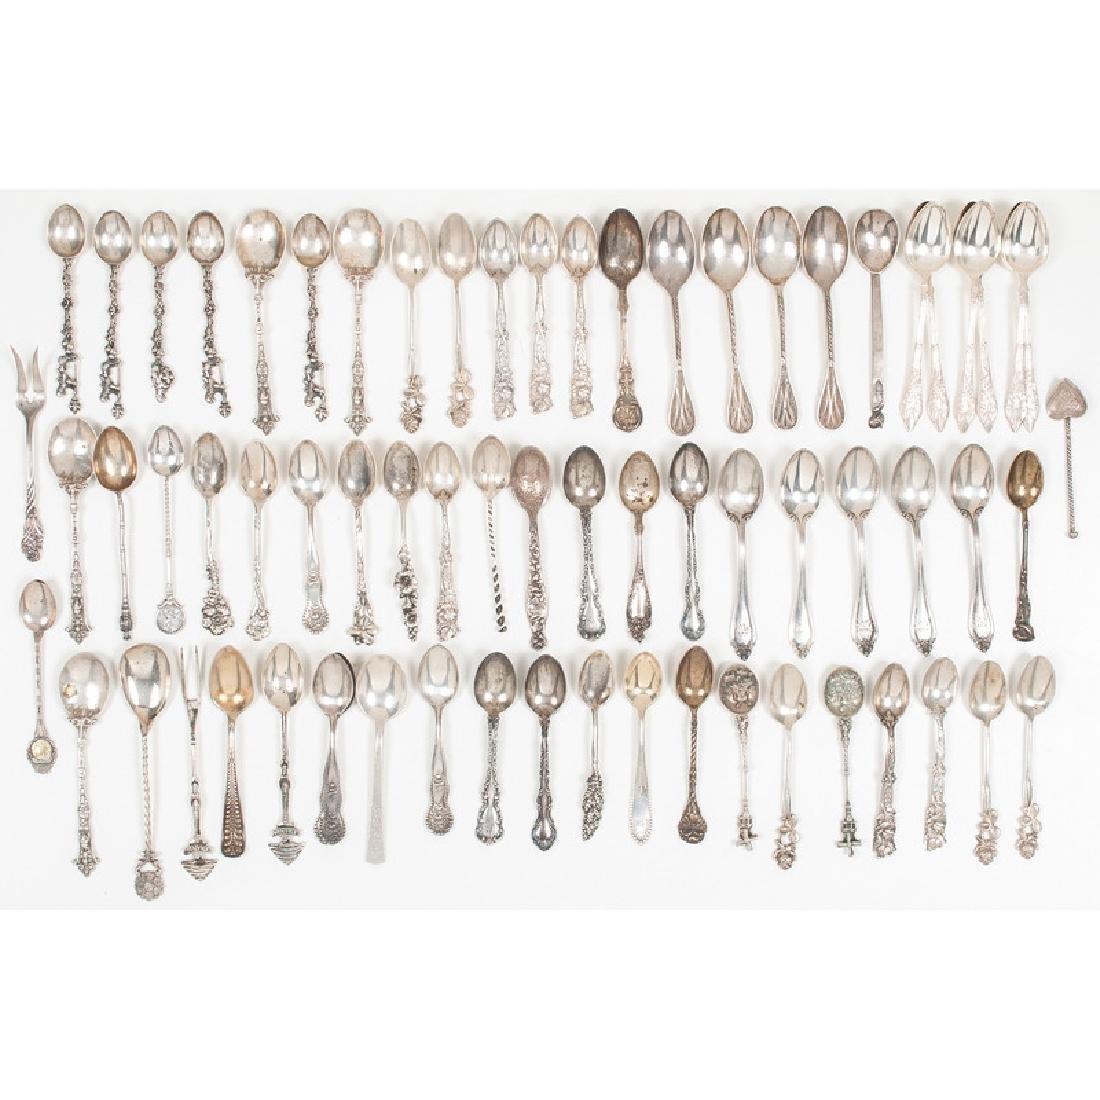 American Sterling Silver Demitasse Spoons